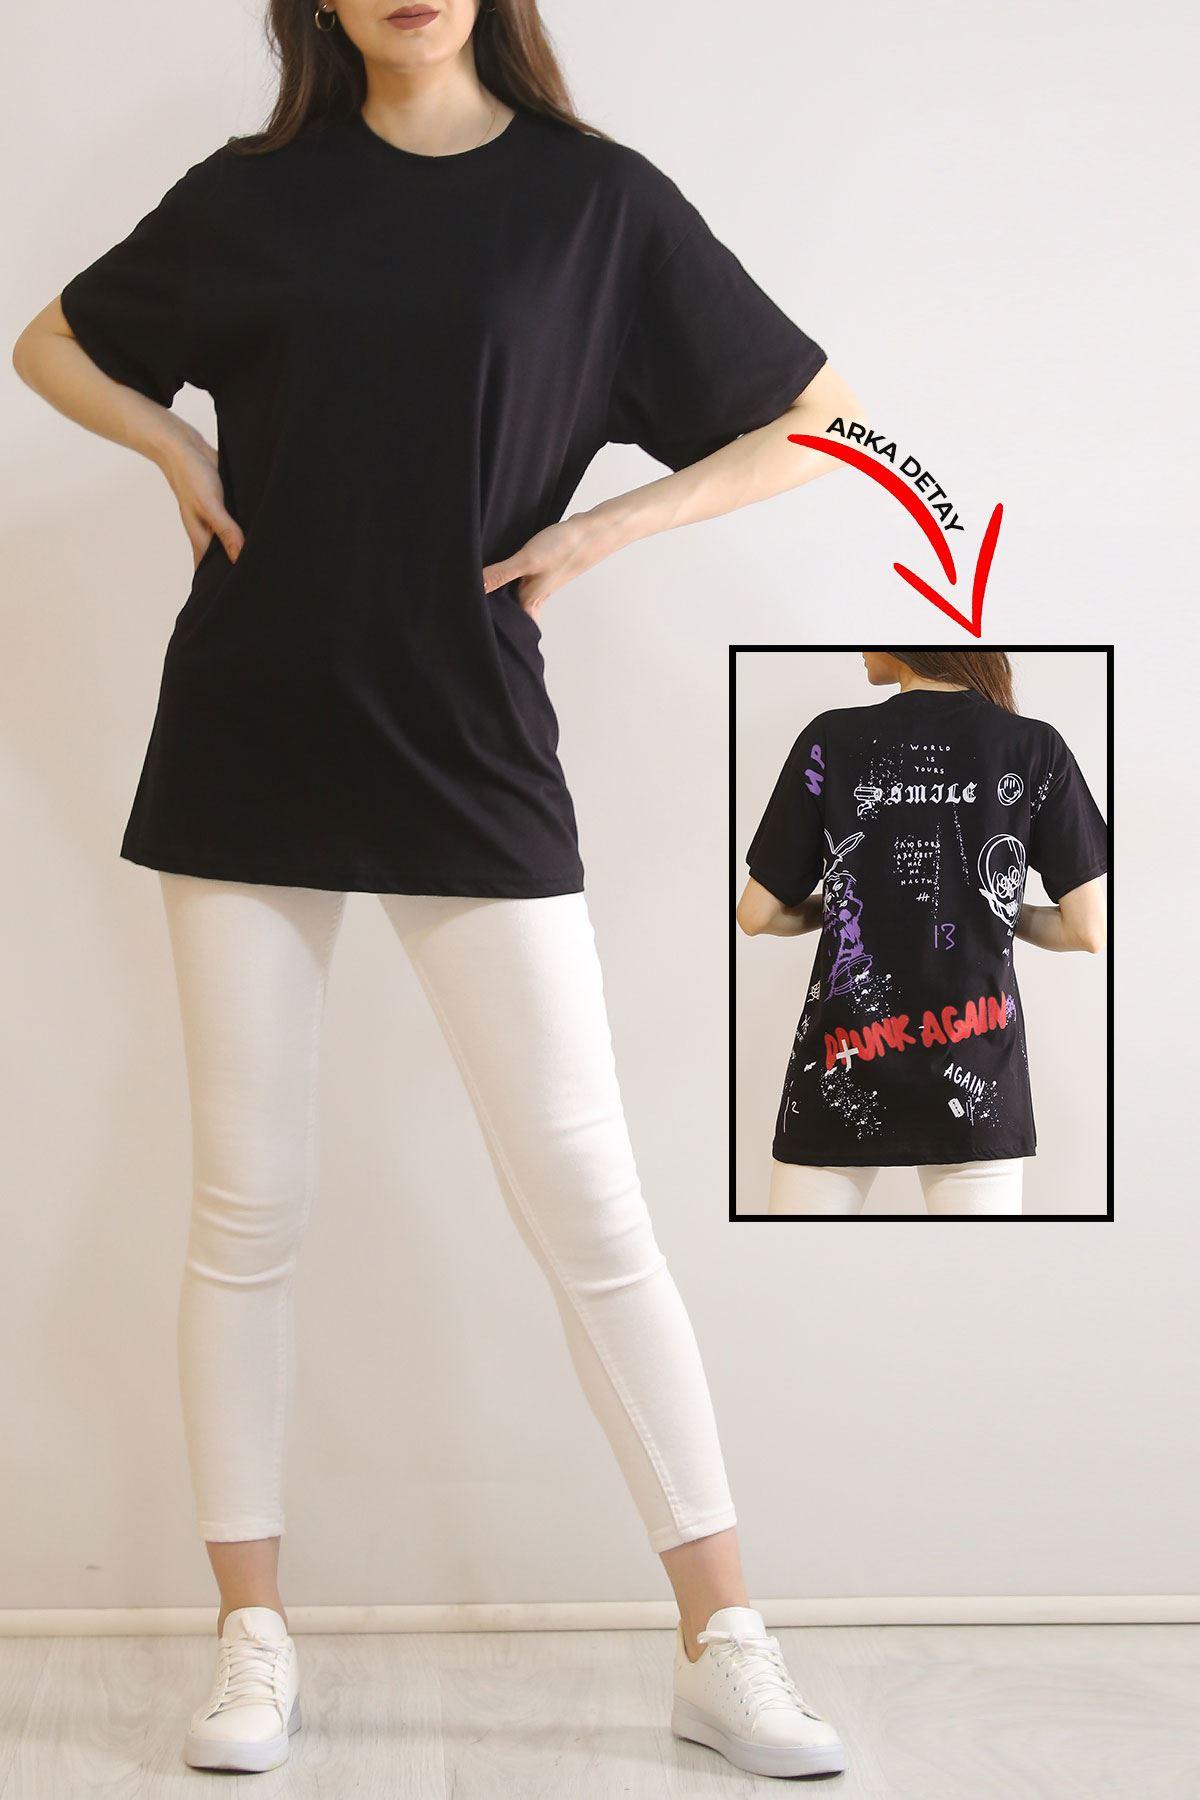 Arkası Baskılı Tişört Siyah - 5903.1377.